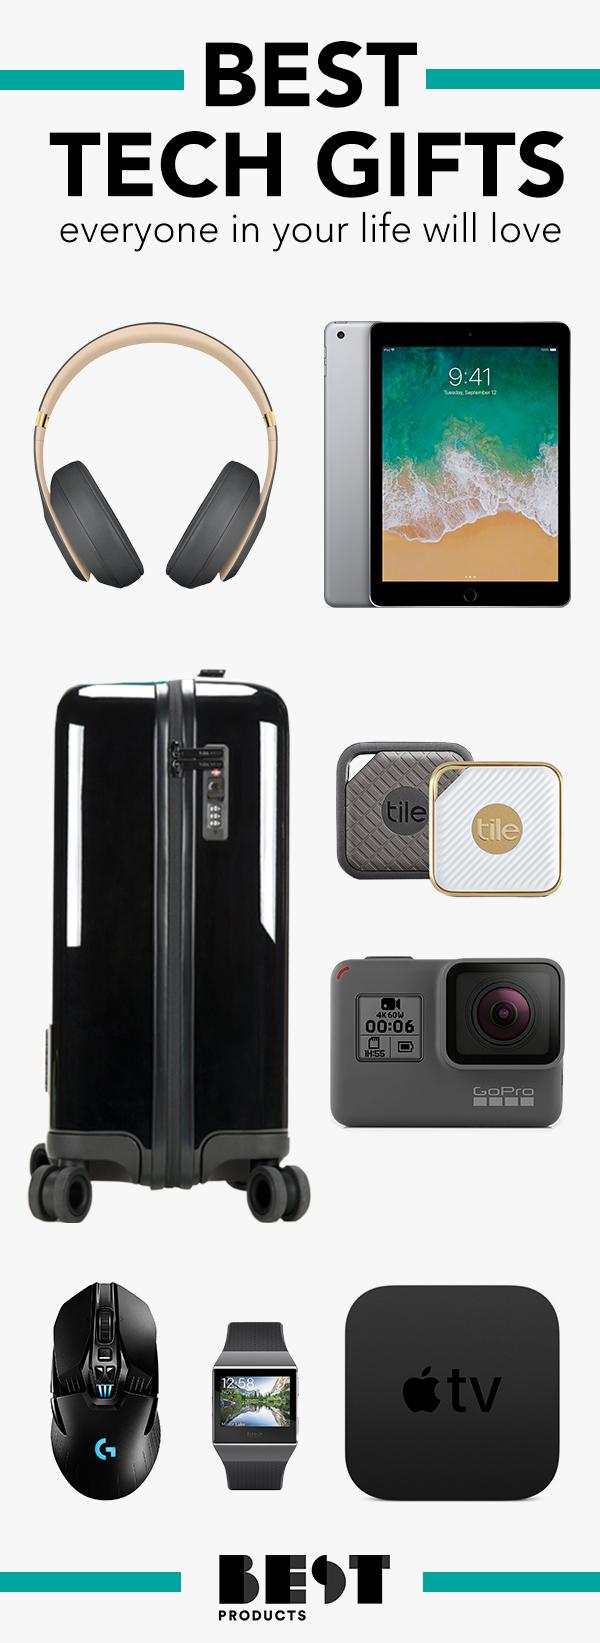 Top Tech Christmas Gifts | Euffslemani.com